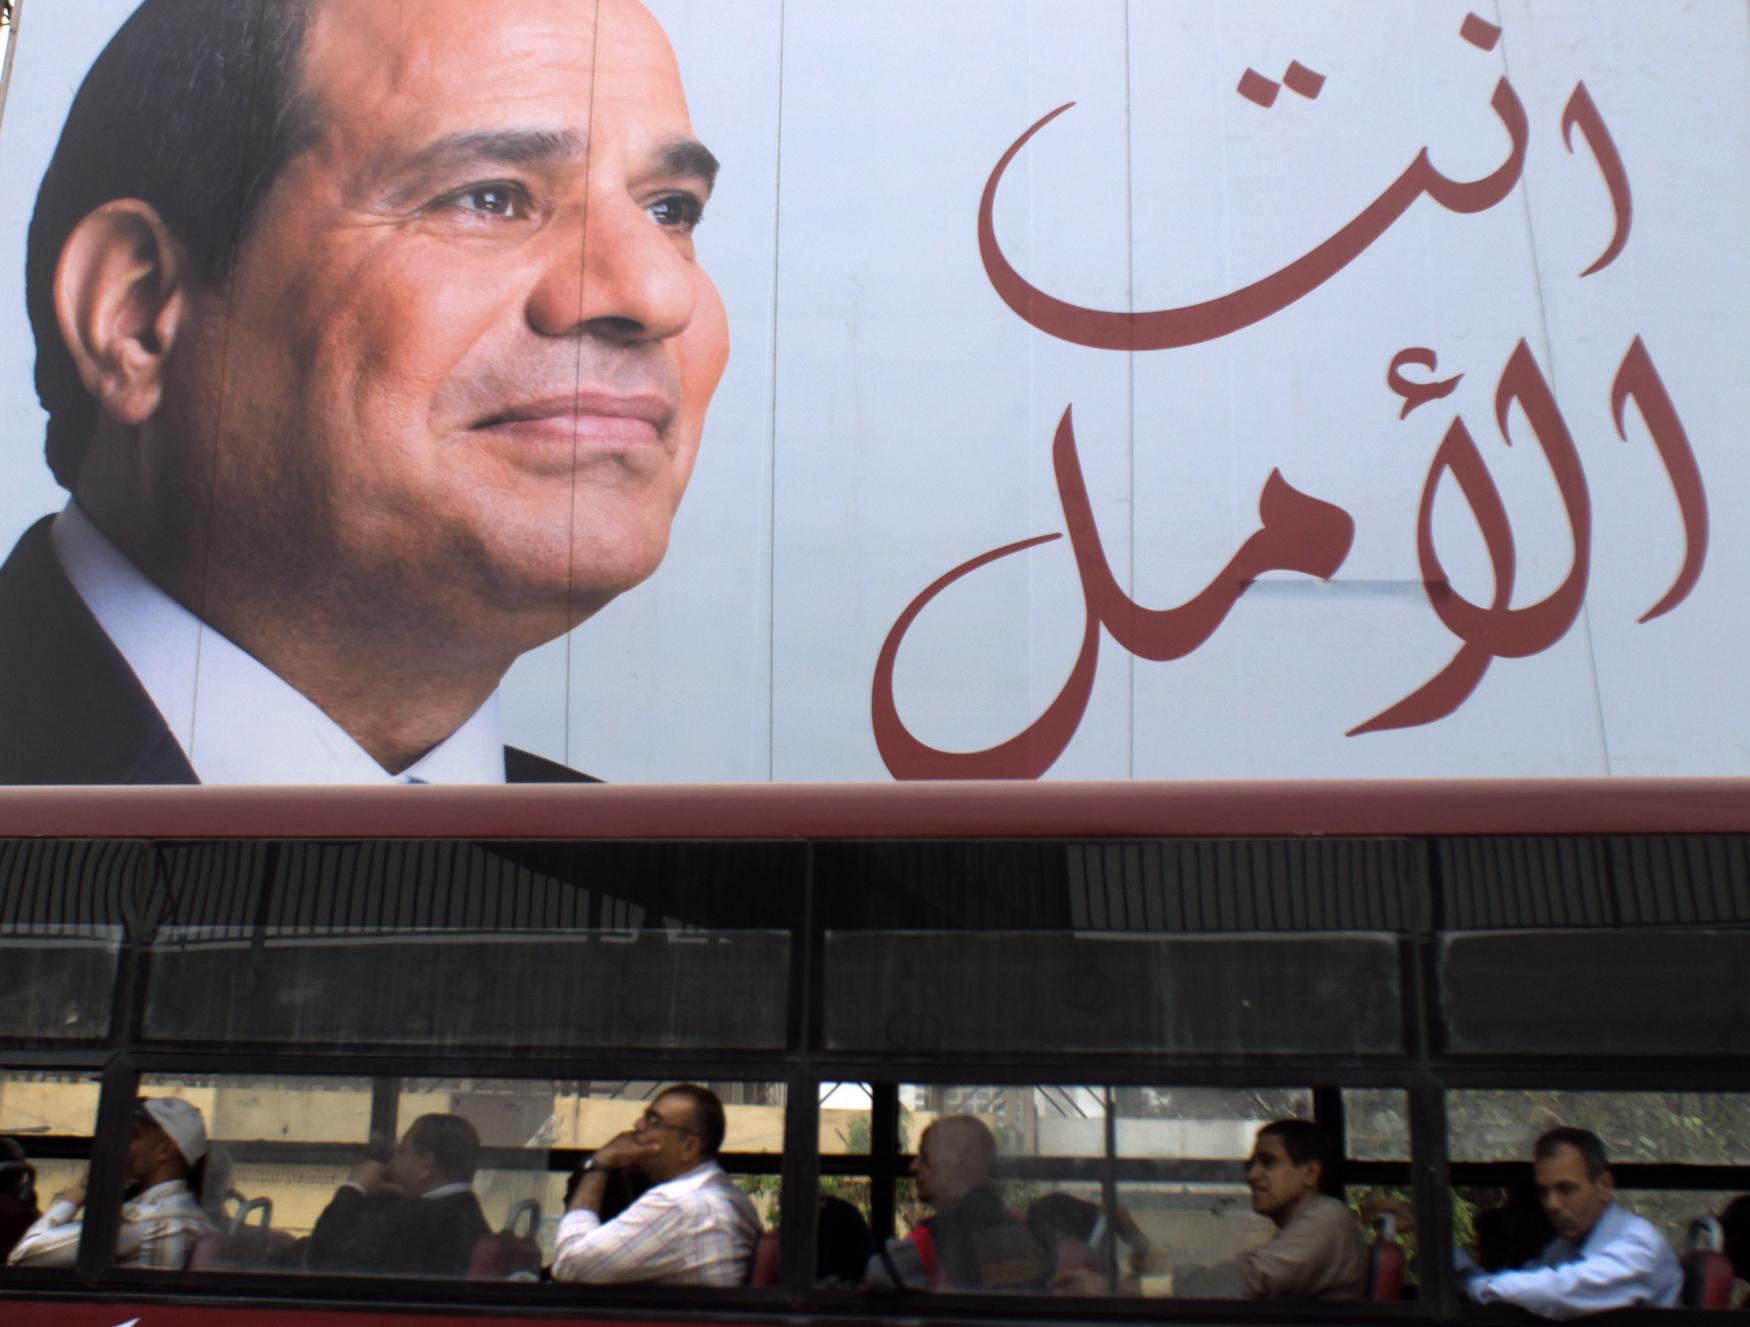 Prezident Abdal Fattáh Sísí i po posledních volbách zůstane ve funkci, vždyť získal 97 procent hlasů